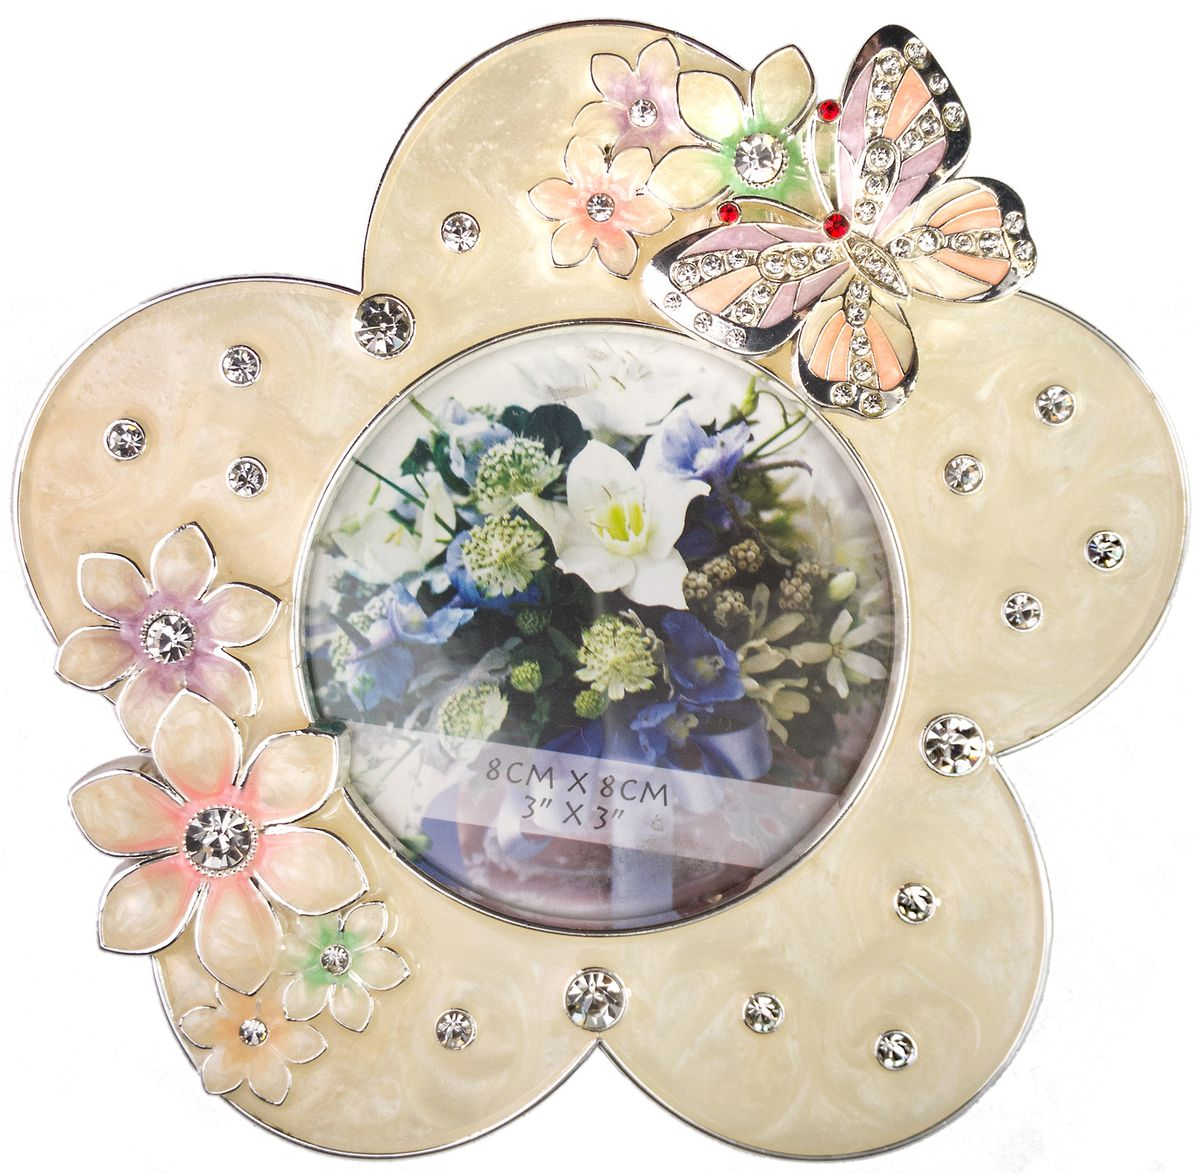 Фоторамка Platinum Цветы, цвет: розовый, 8 х 8 см. PF10562B-352190 PS 983-10Декоративная фоторамка Platinum Цветы выполнена из металла в виде цветочка с бабочкой. Фоторамка украшена стразами и декоративной глазурью. Изысканная и эффектная, эта потрясающая рамочка покорит своей красотой и изумительным качеством исполнения. Фоторамка подходит для фотографий 8 х 8 см.Общий размер фоторамки: 13 х 1,5 х 13 см.